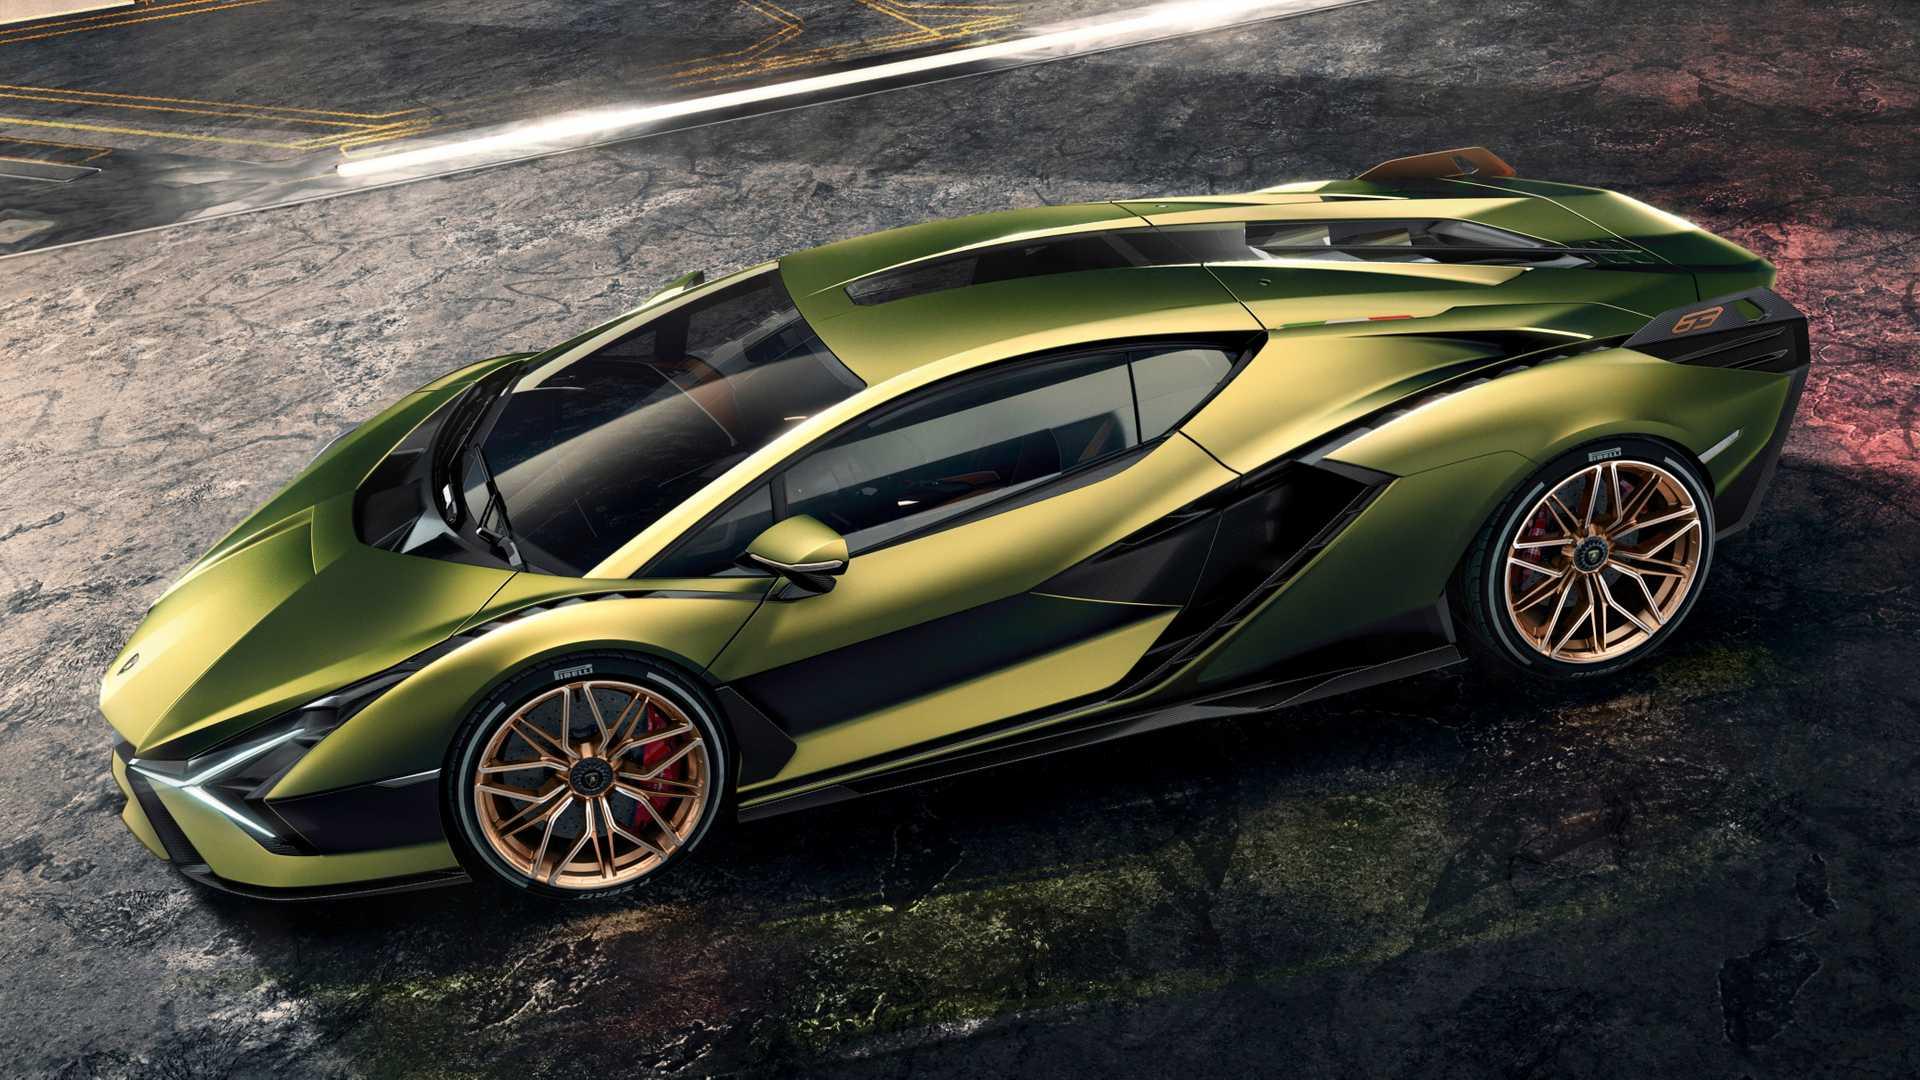 Lamborghini Sian to debut at 2019 Frankfurt Motor Show